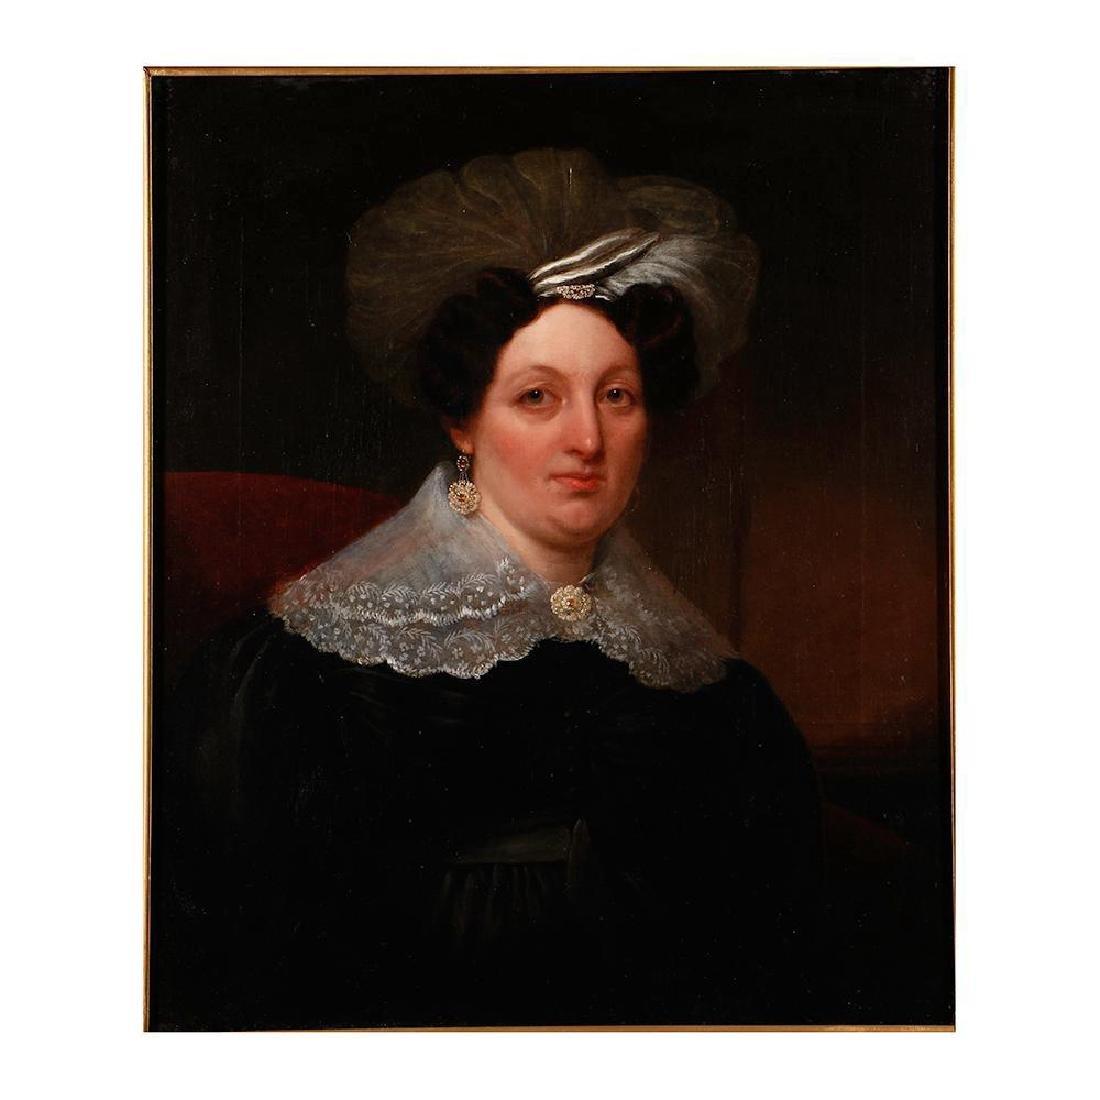 Chester Harding (1792-1866) - 2